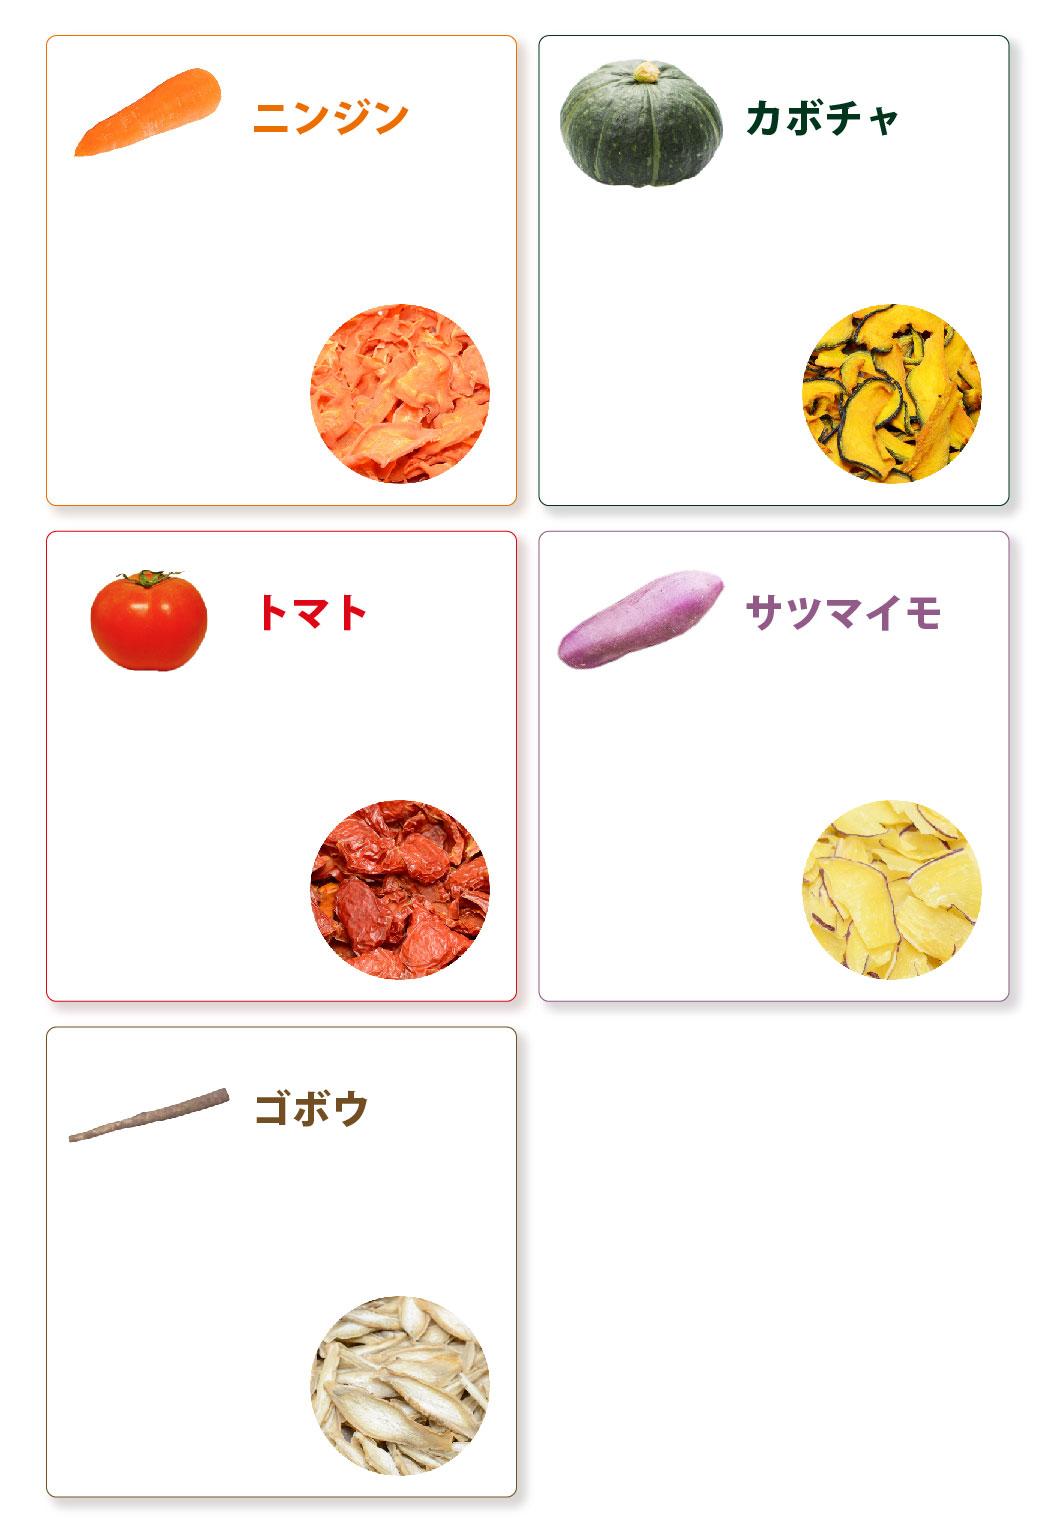 ニンジン カボチャ トマト サツマイモ ゴボウ